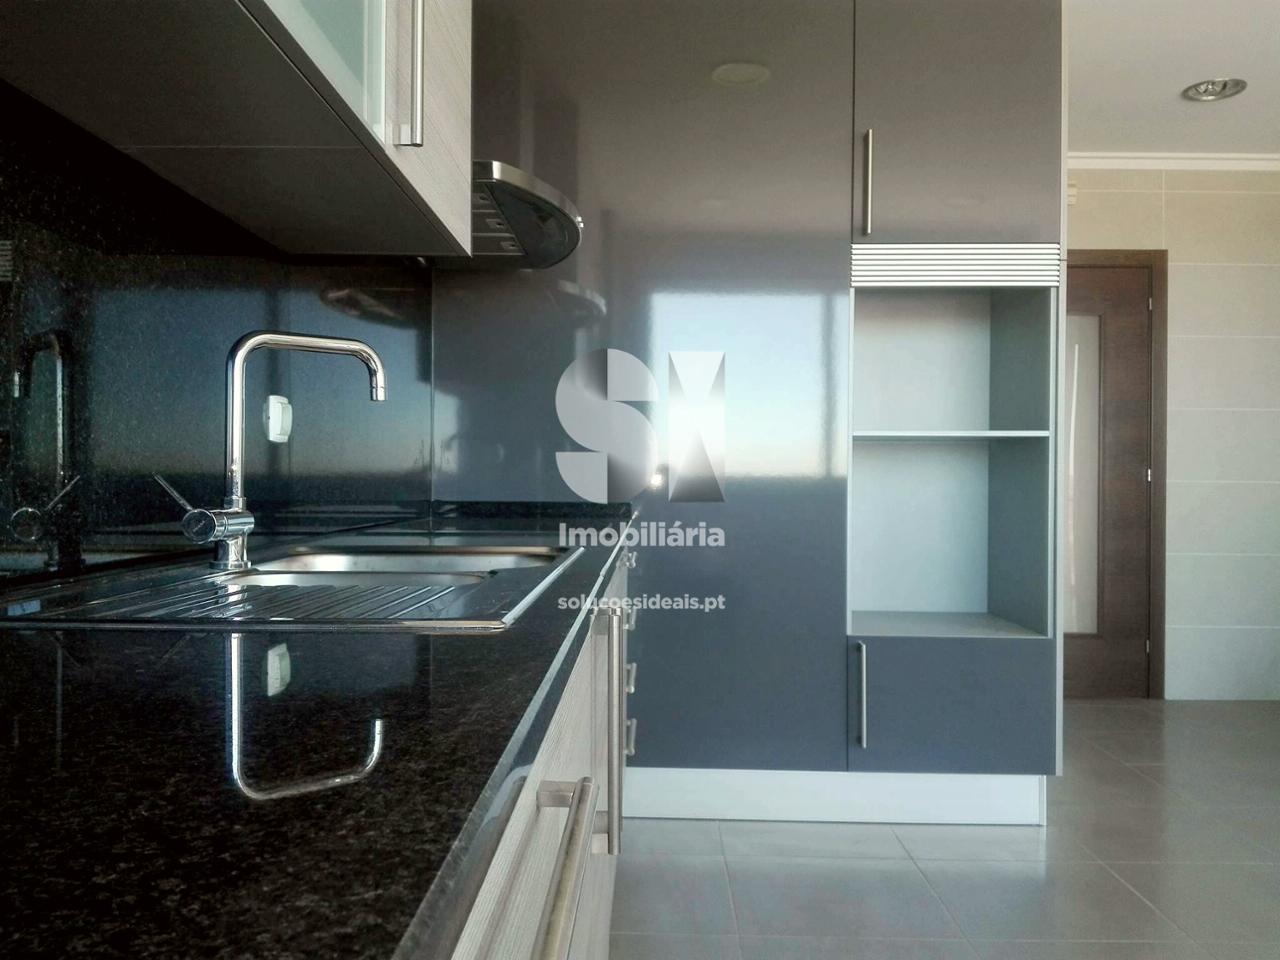 apartamento t4 duplex para compra em guarda guarda GRDAB87